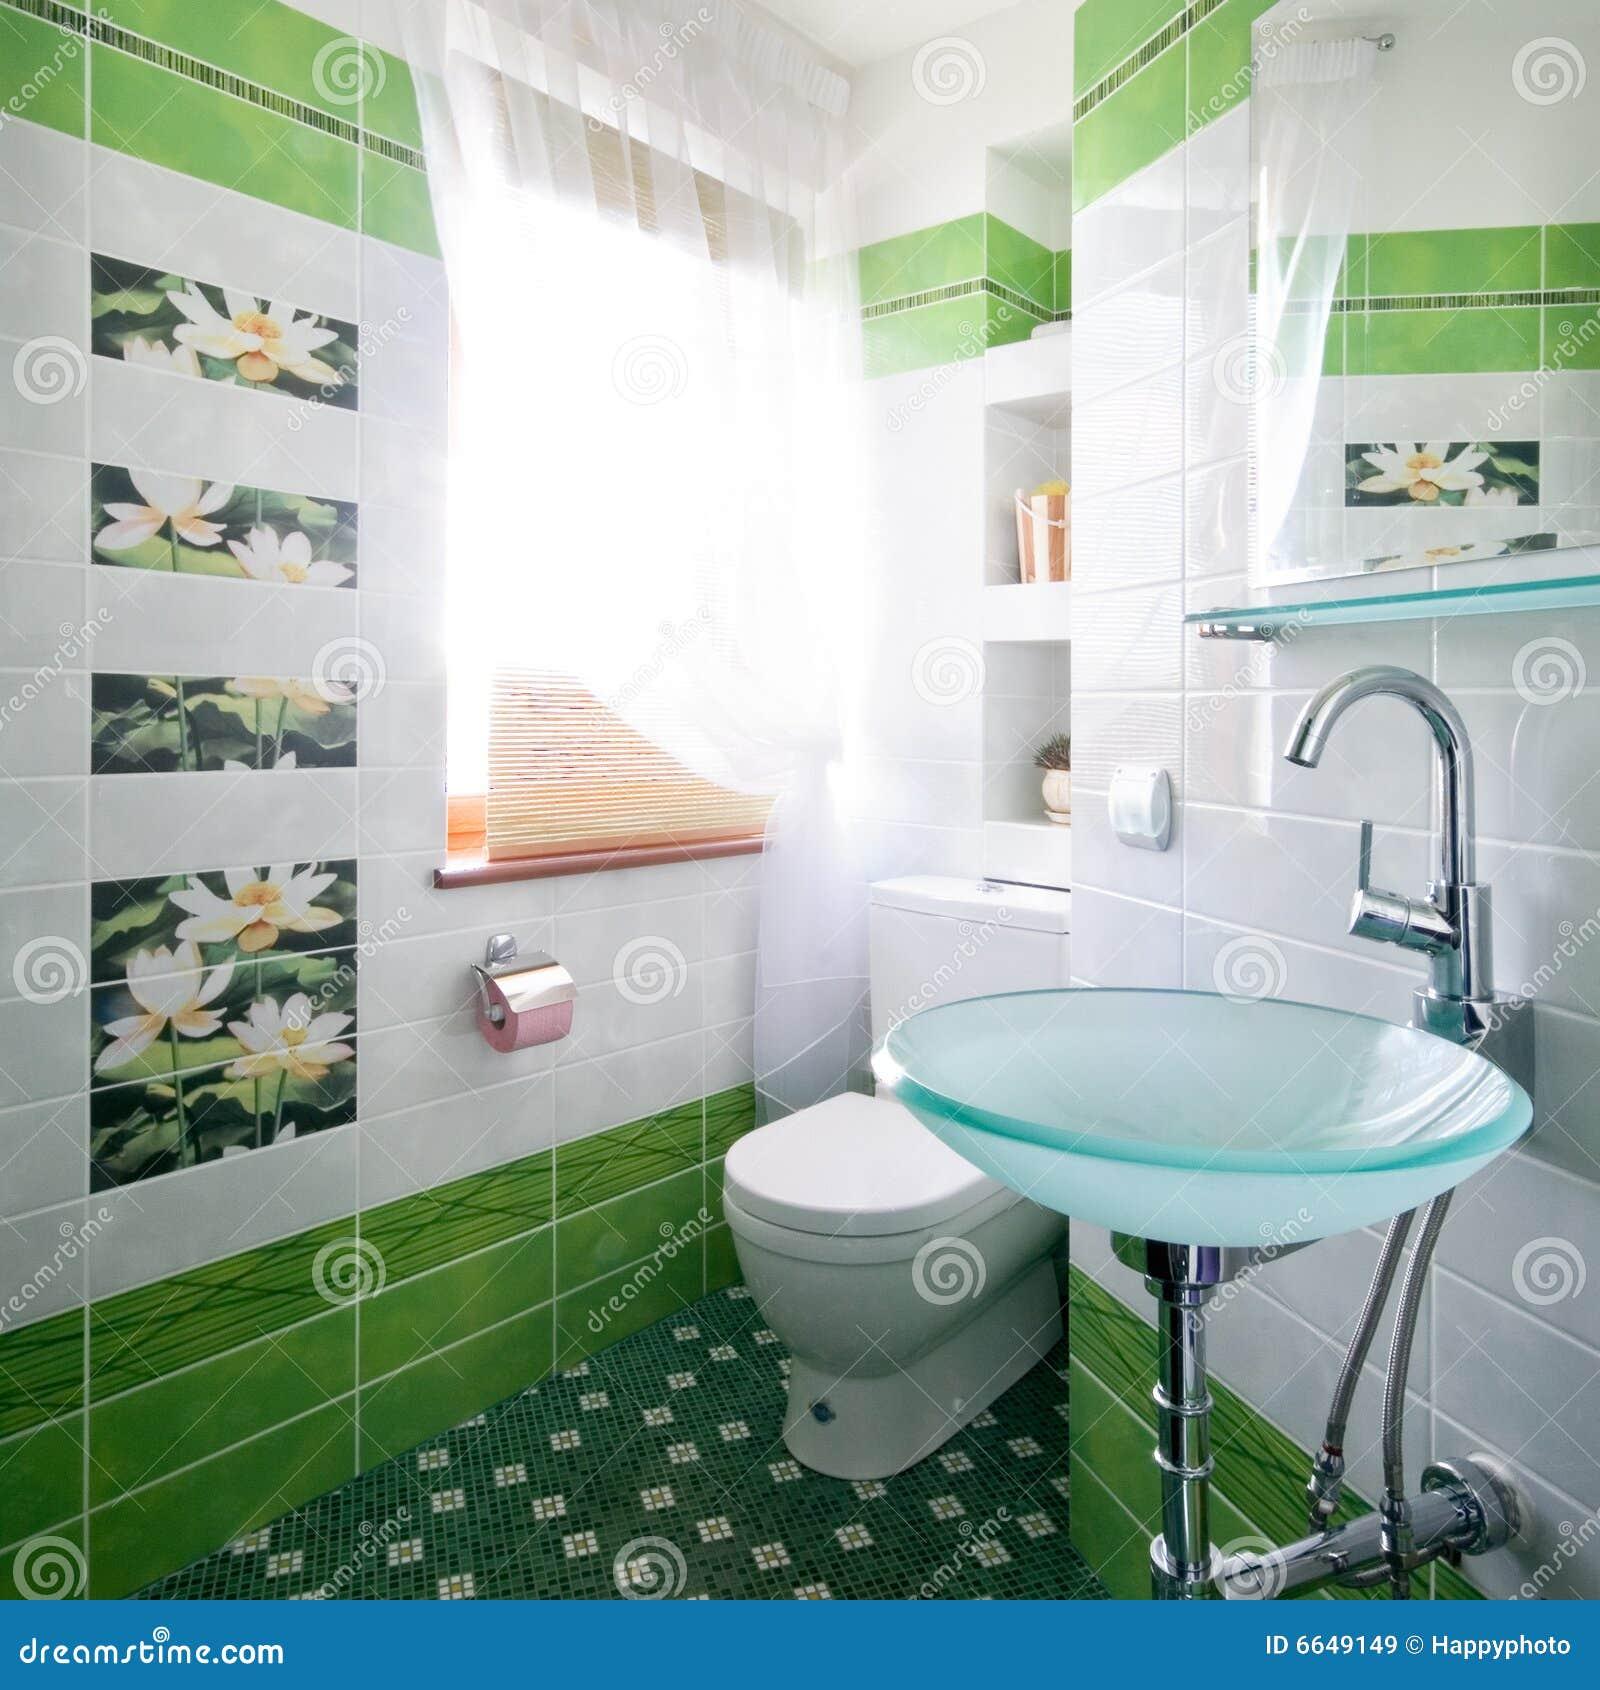 Nieuw ontwerp van toiletruimte royalty vrije stock afbeeldingen afbeelding 6649149 - Badkuip ontwerp ...